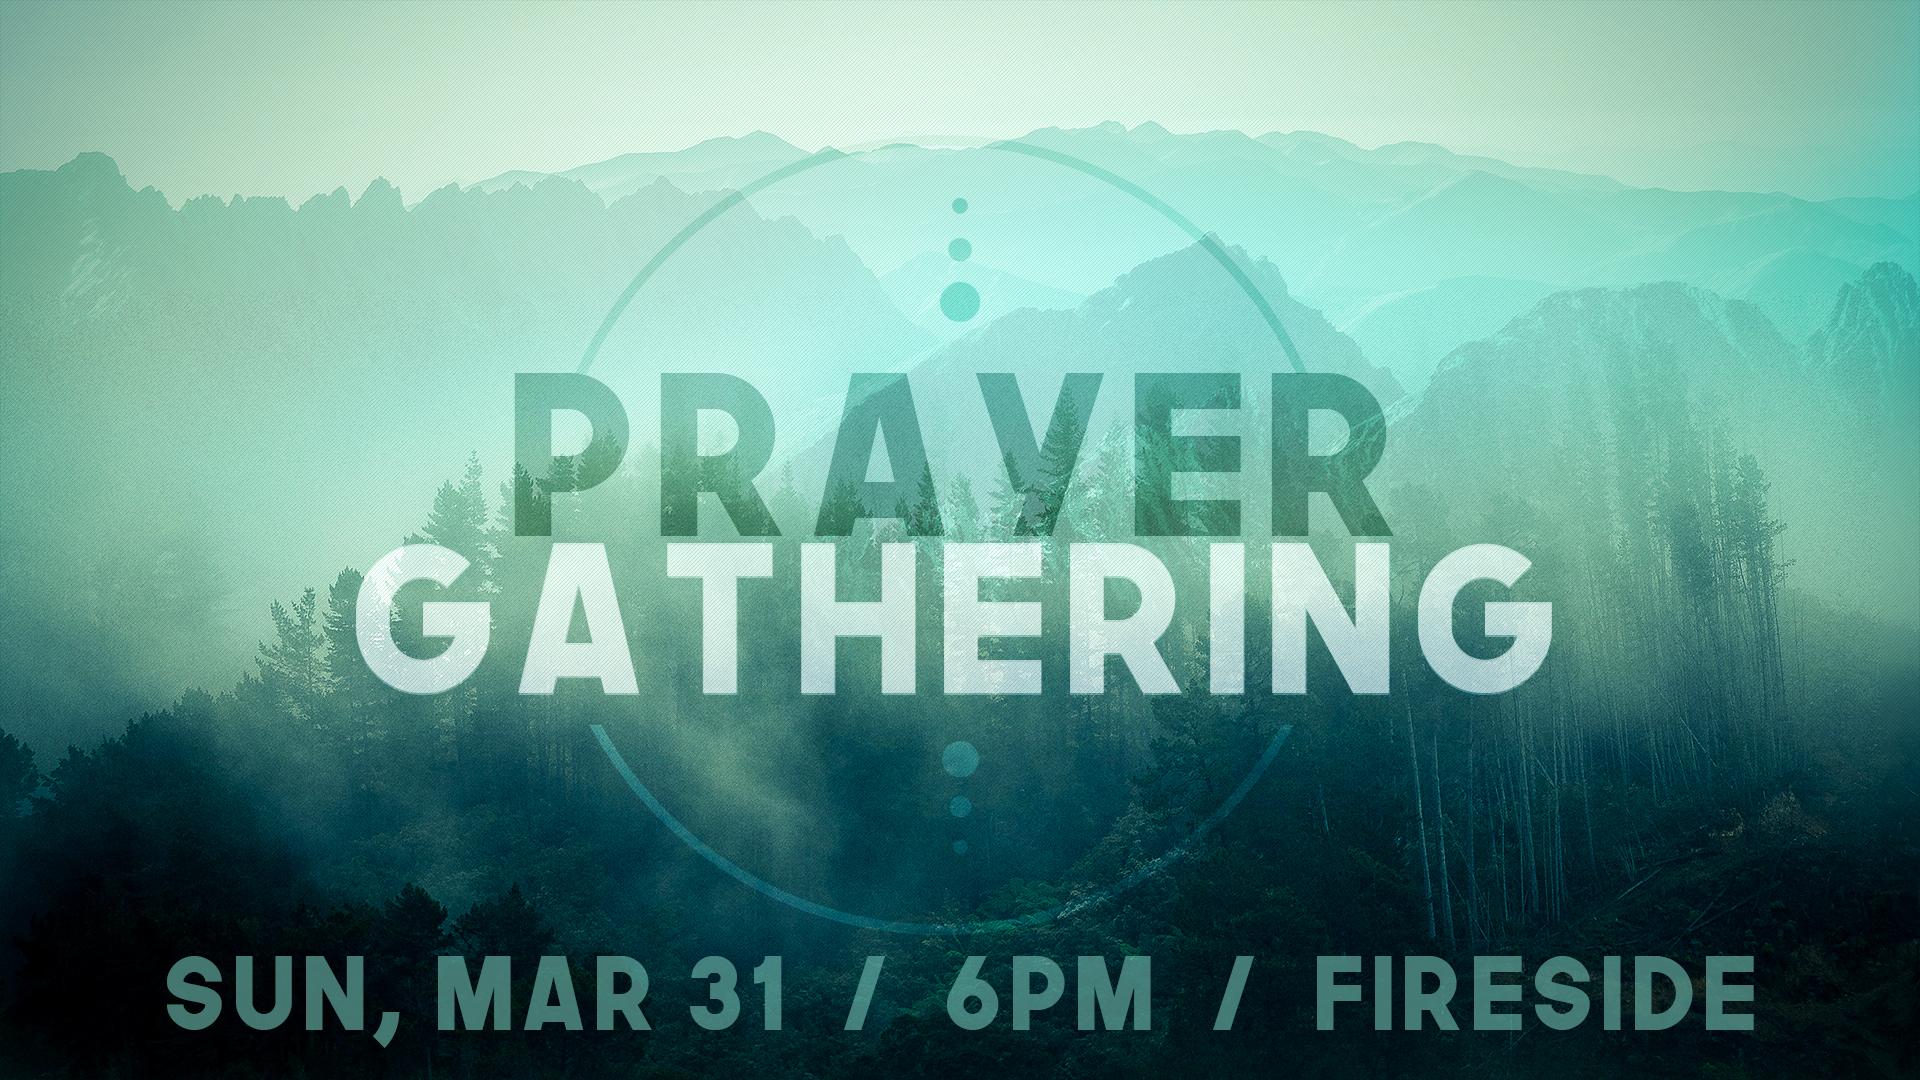 PrayerGathering_AnnSlide.jpg